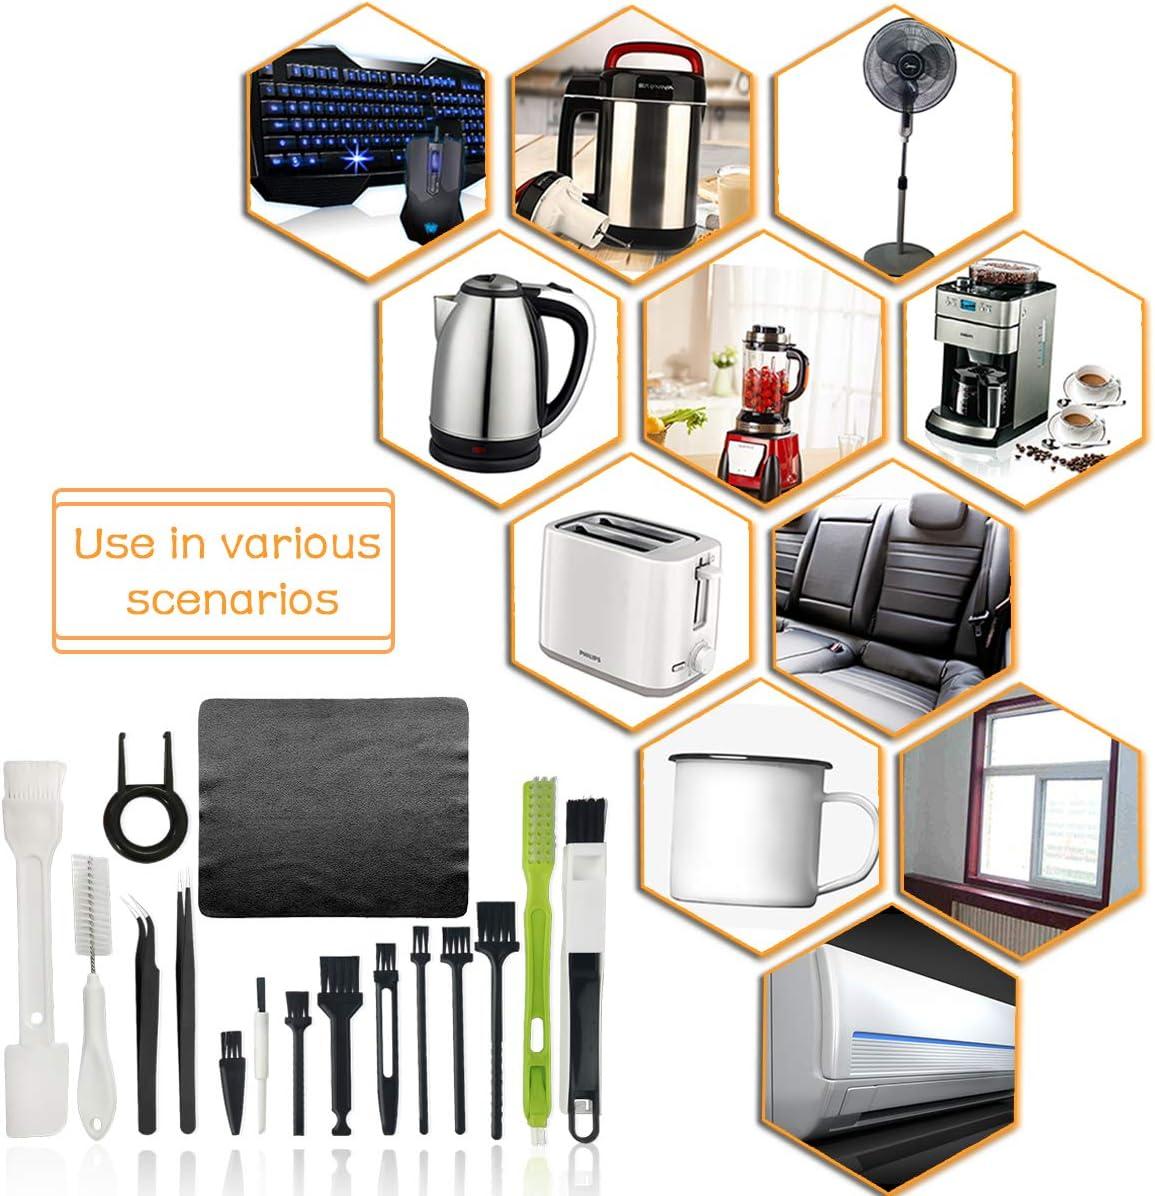 Tastatur-Reinigungsb/ürste Tastatur antistatische B/ürste f/ür Laptop Kunststoff PC-Reinigungsset PC und Computer